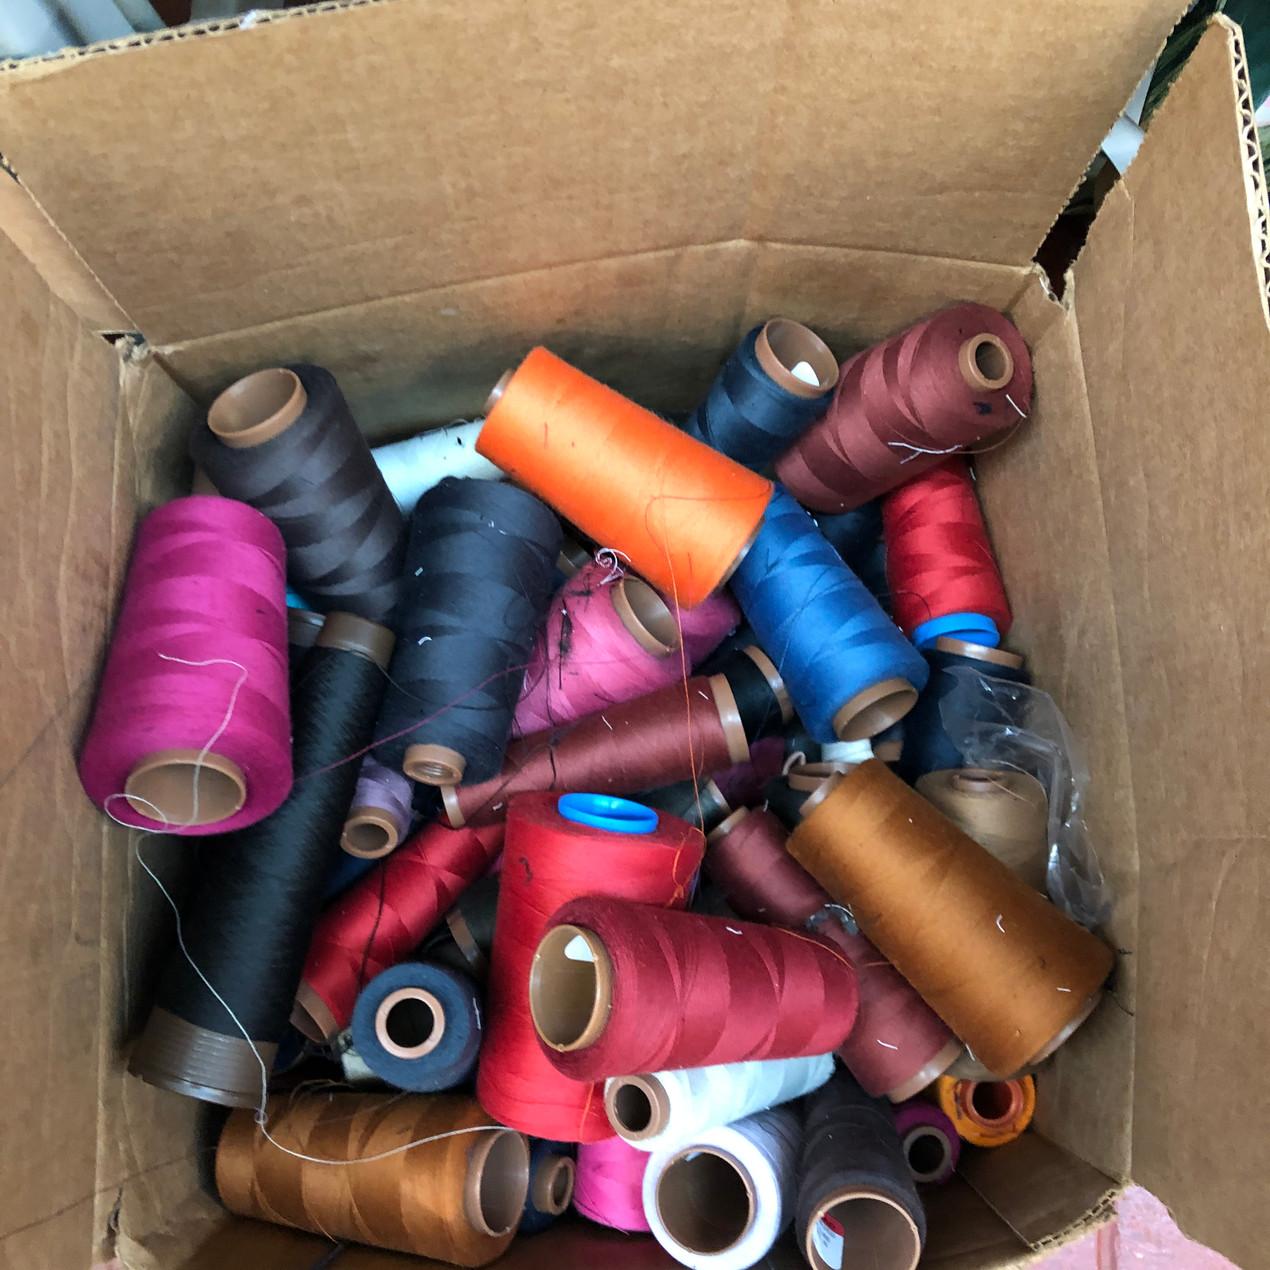 Box of bulk thread cones